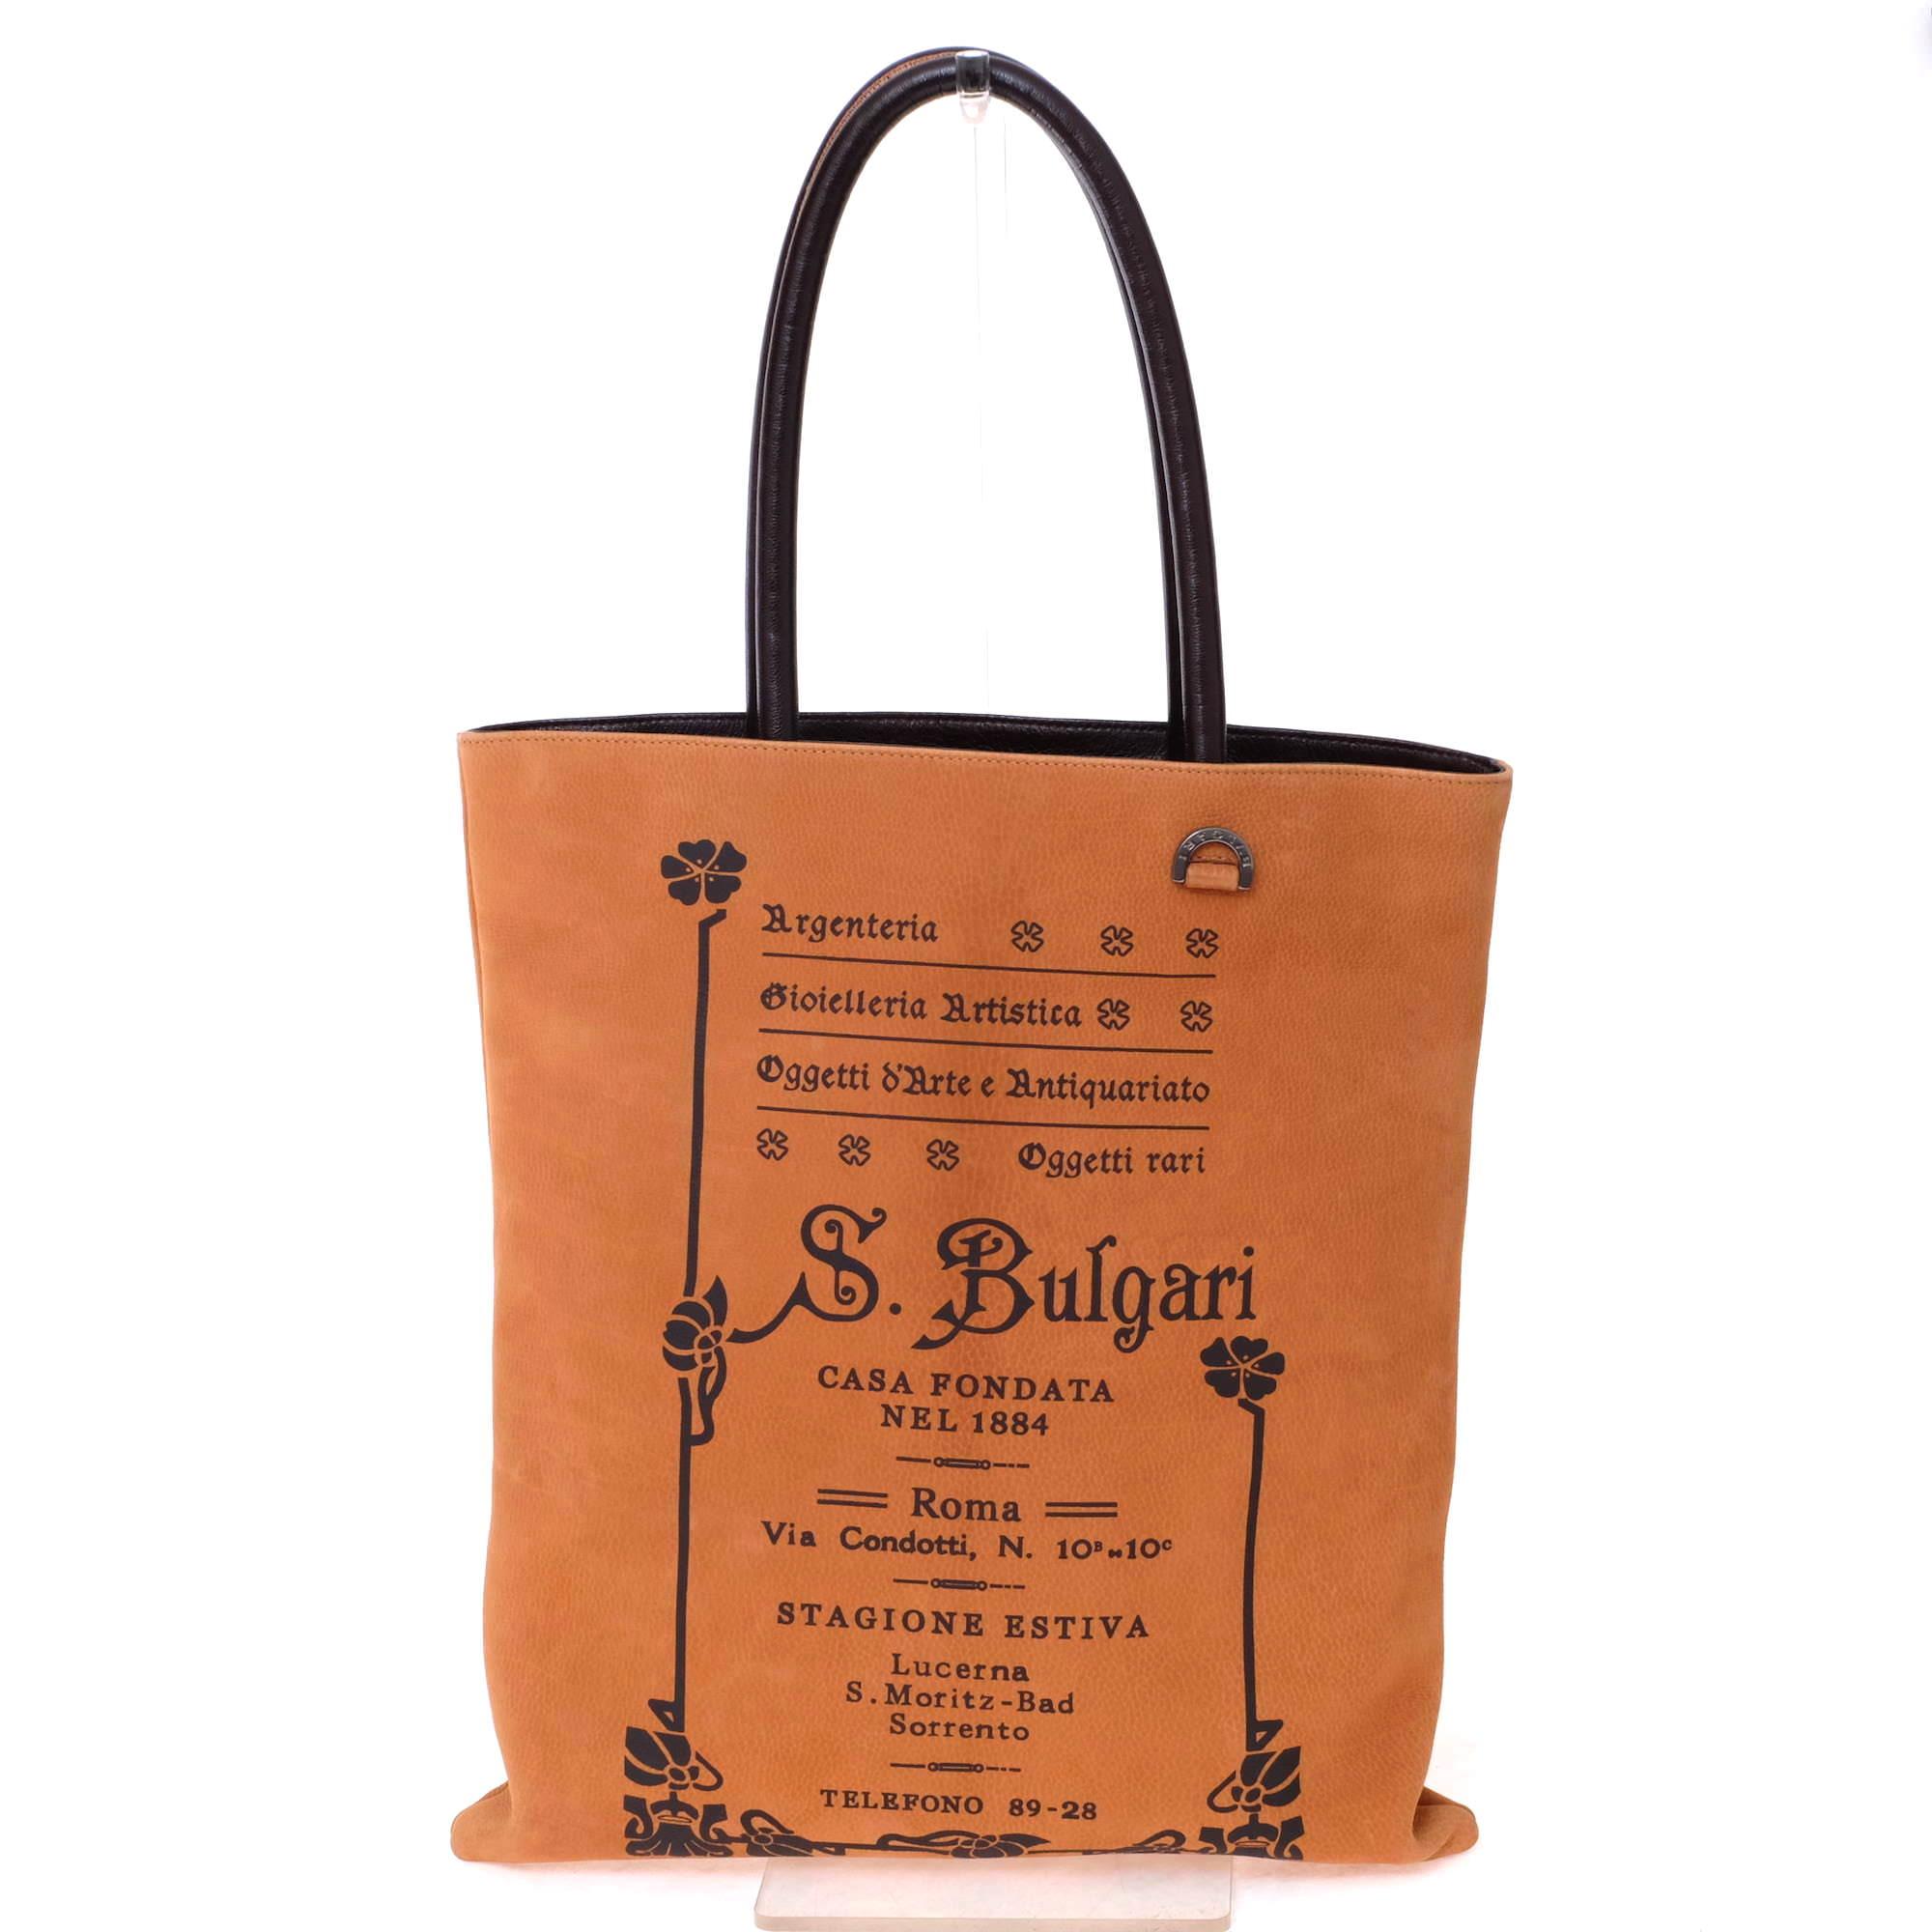 74ce2847856b ブルガリ / BVLGARI トートバッグ レディース ブラウン 茶 Collezione 1910 Tote コレツィオーネ - ブランディング